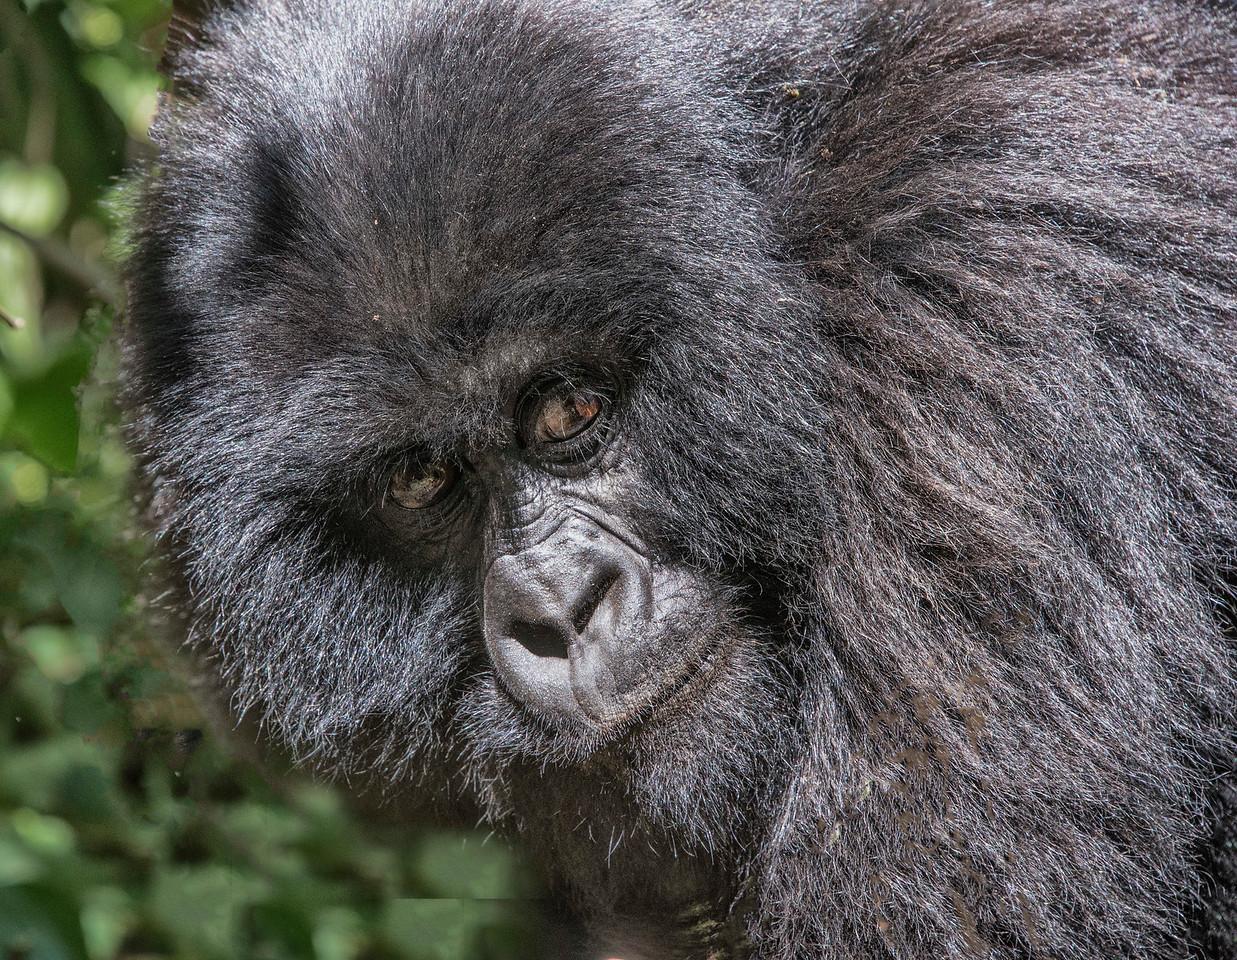 Close-up-gorilla-GOR_0146